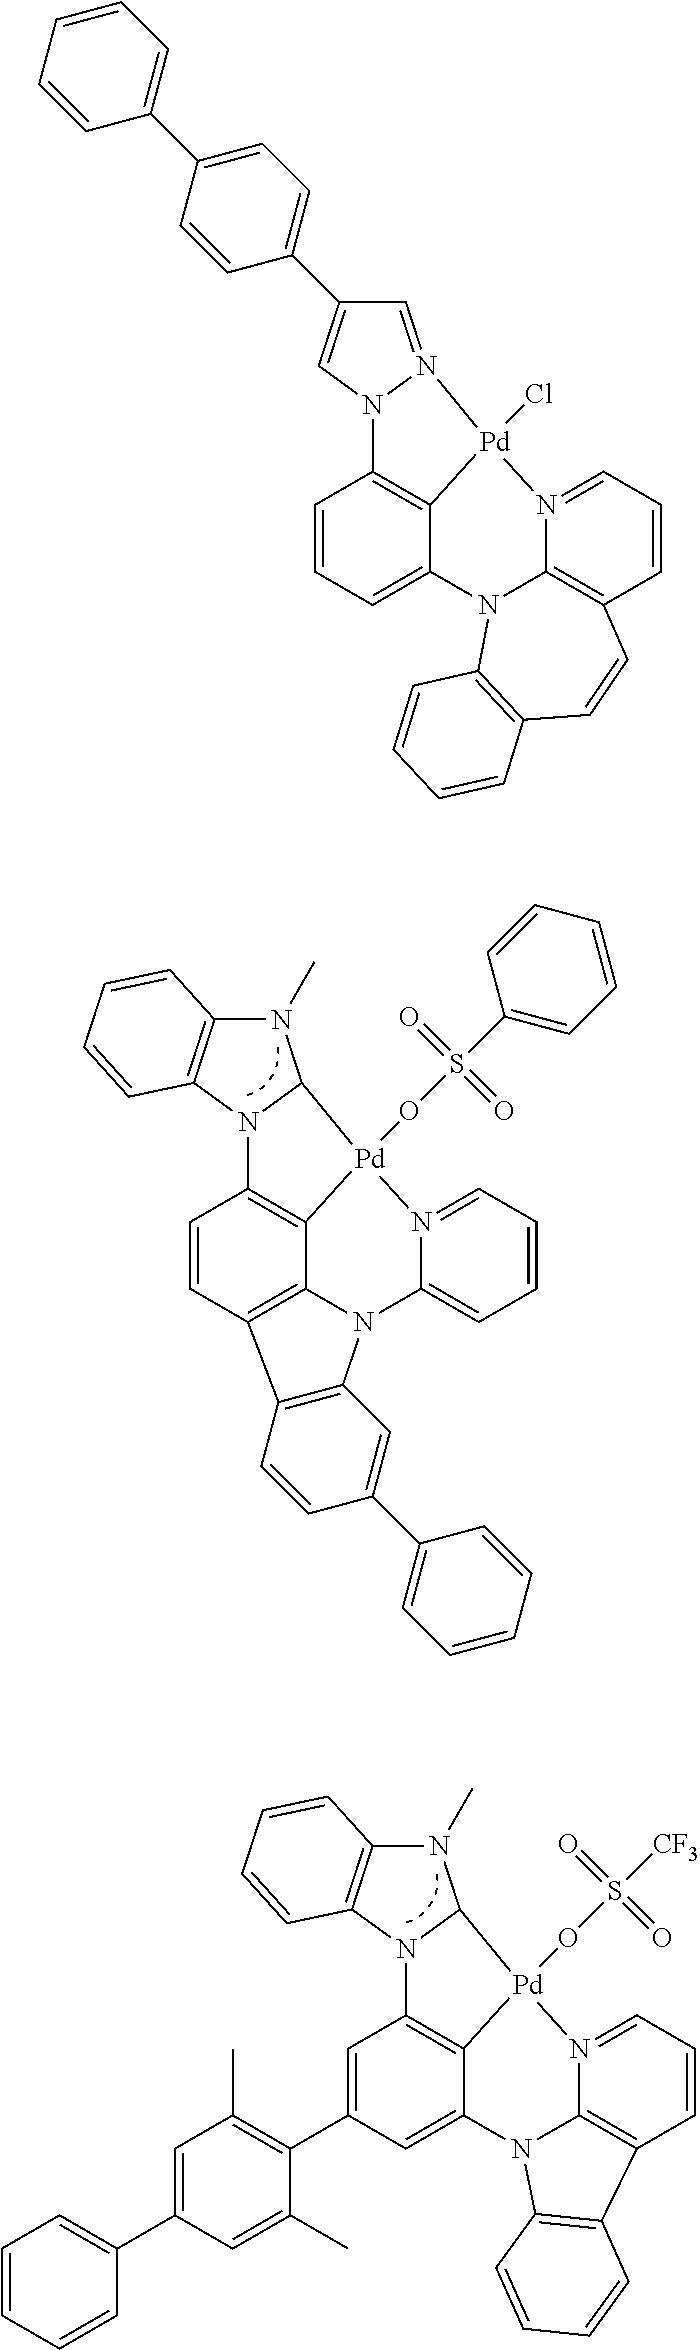 Figure US09818959-20171114-C00192